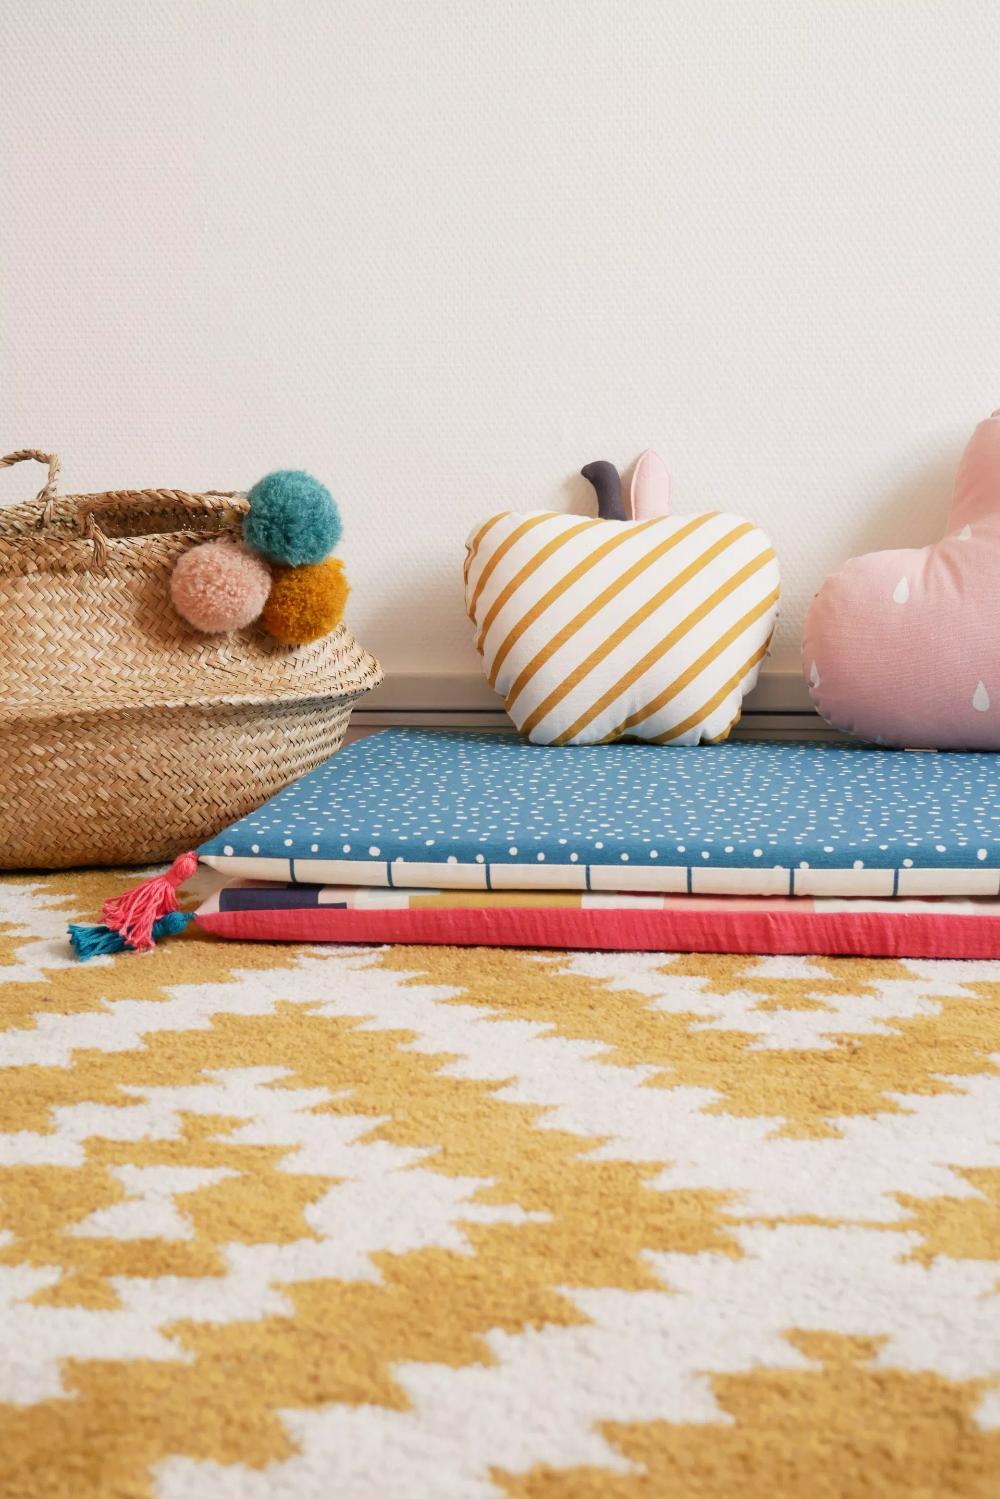 Couture Tapis De Sol Bébé tuto couture – des tapis de sol rapides à réaliser avec